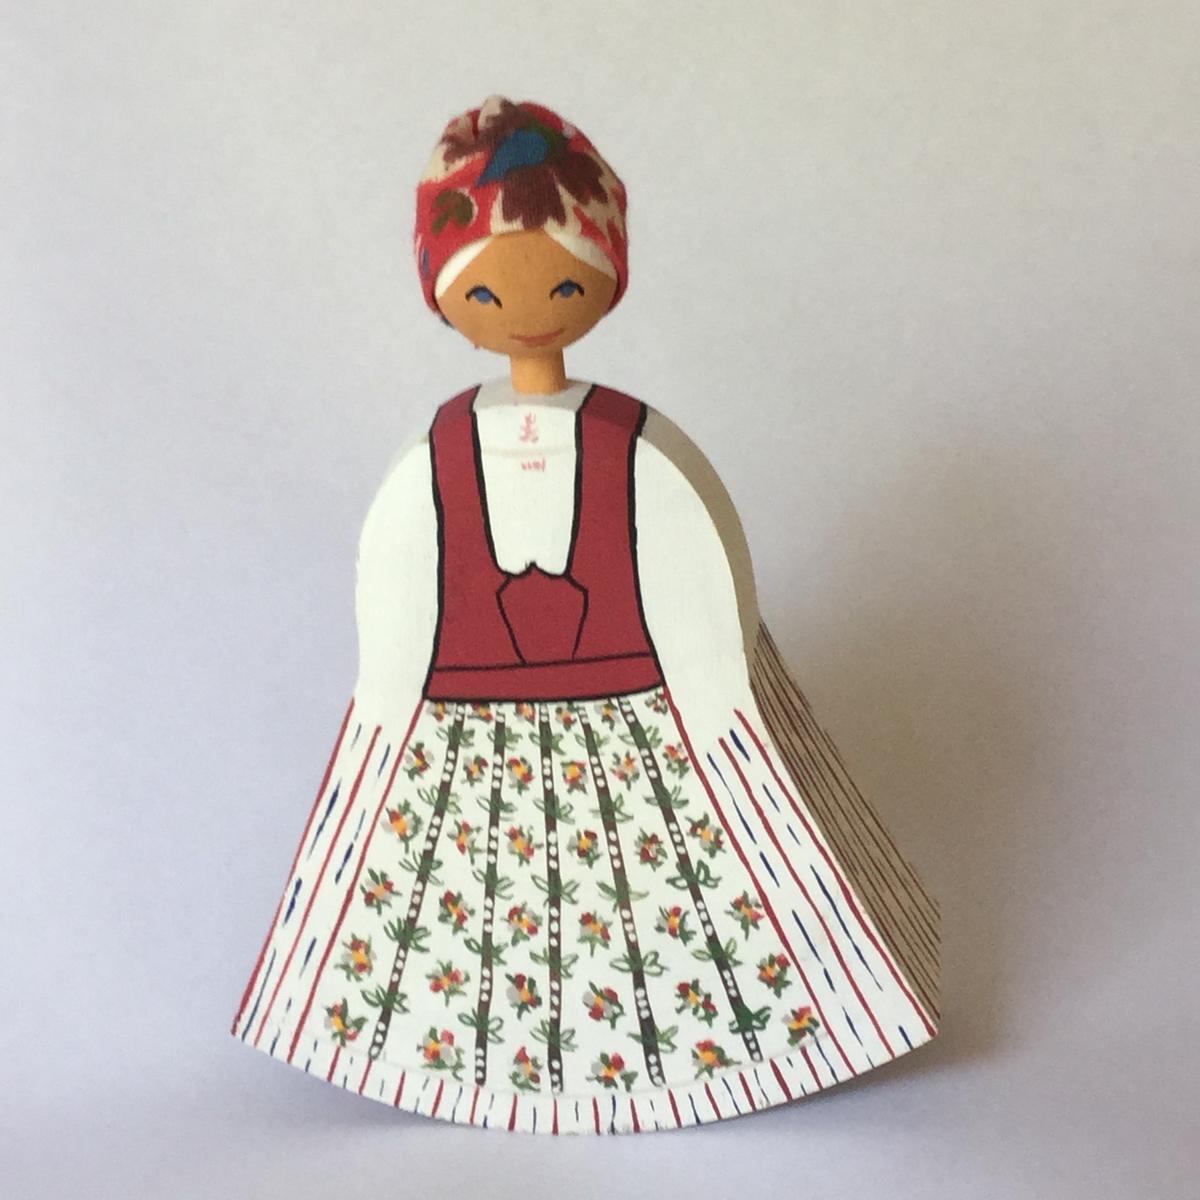 Docka av trä, dekormålad med svensk dräkt. Huvudbonad av mönstrat bomullstyg.